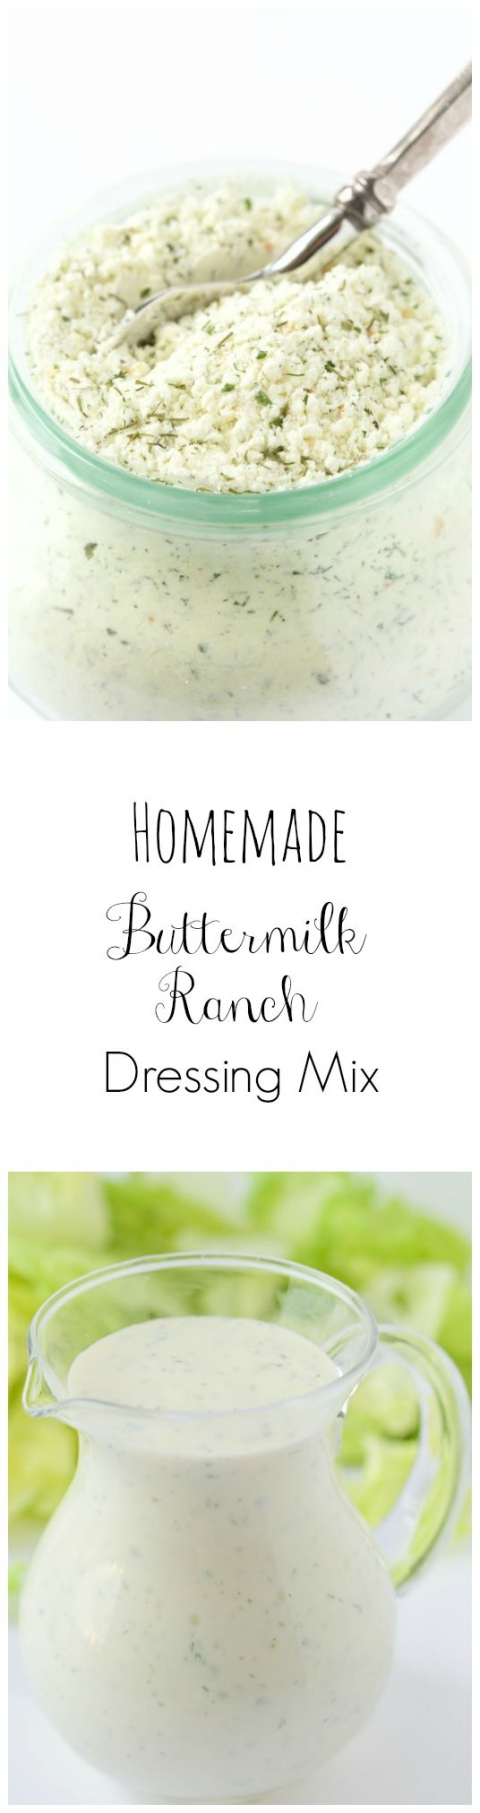 Homemade Buttermilk Ranch Dressing Mix Recipe Homemade Buttermilk Ranch Dressing Mix Homemade Ranch Dressing Buttermilk Homemade Buttermilk